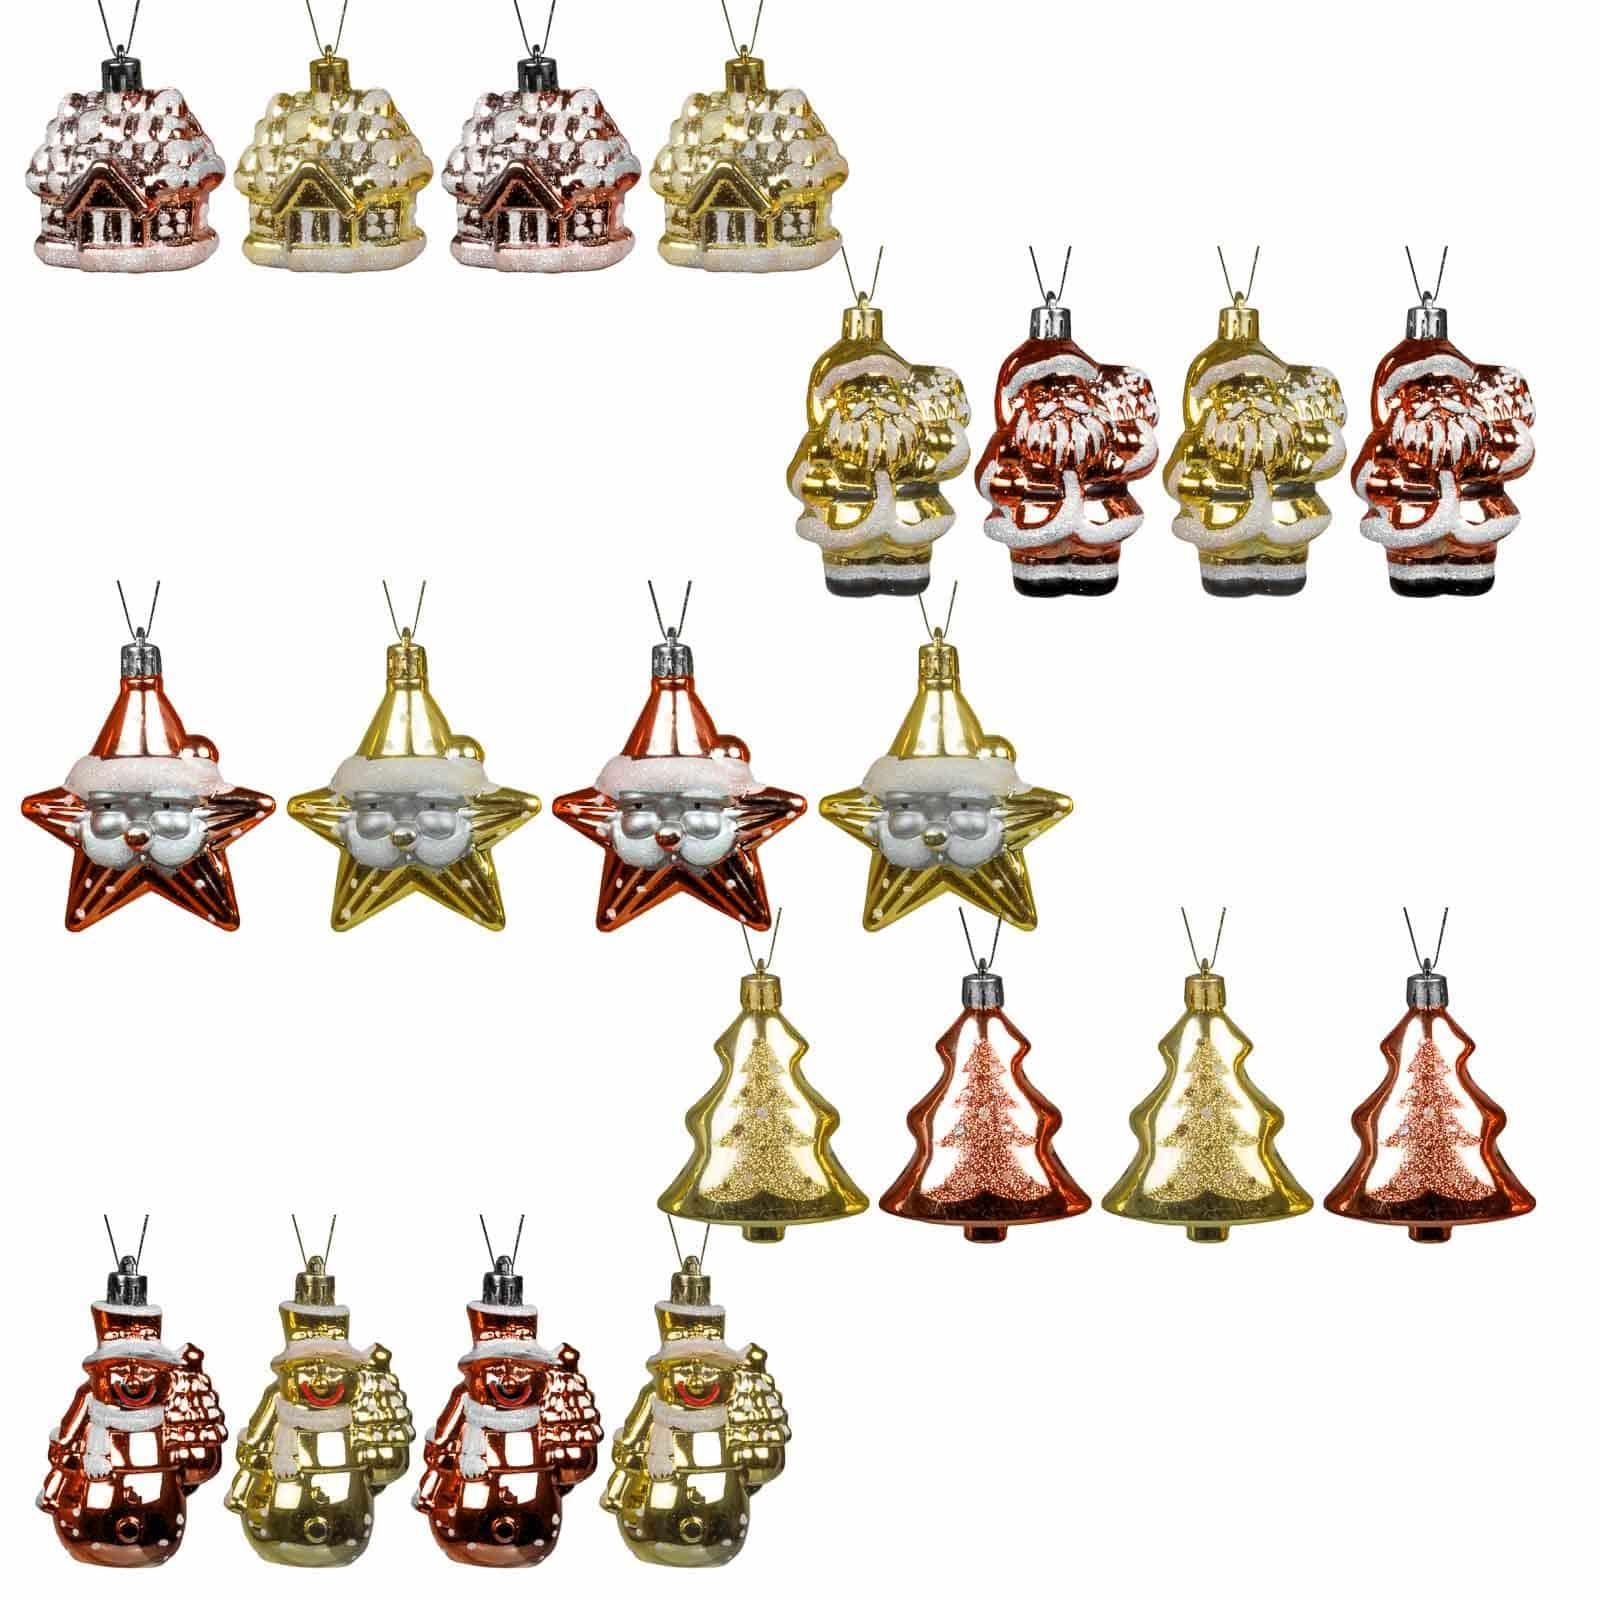 Decoratieve Kerstballenset 20 stuks - goud/bordeaux -binnen en buiten